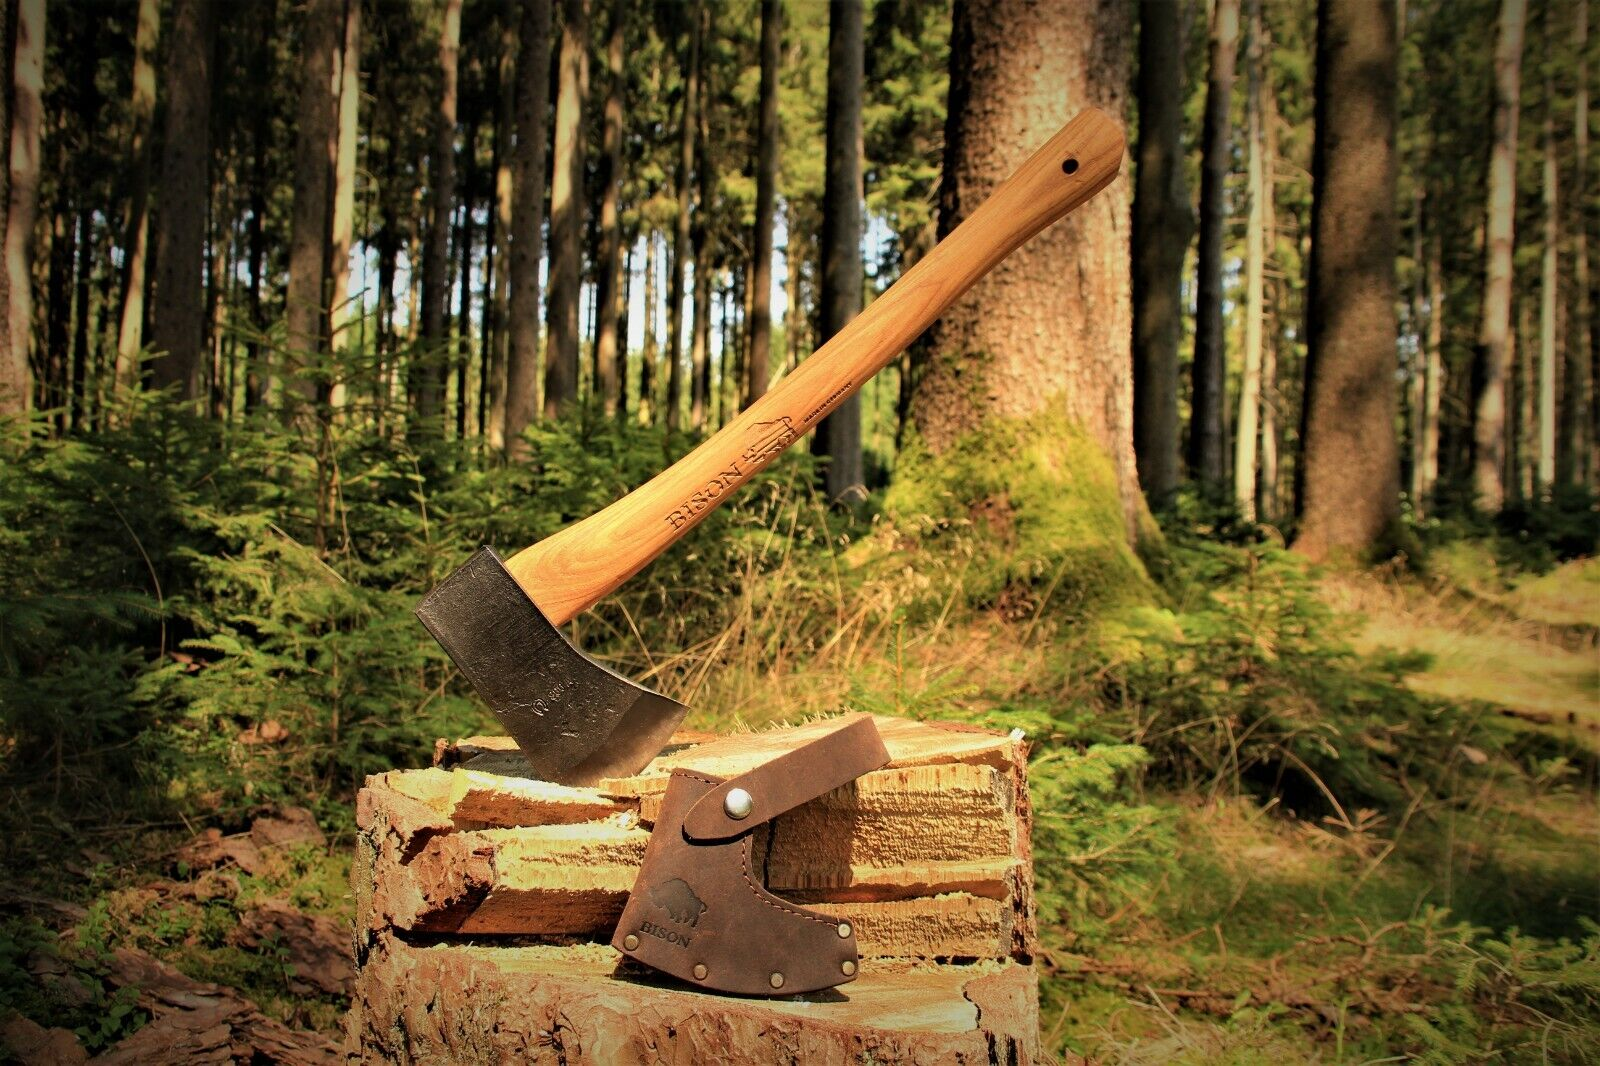 Handgeschmiedete Bison 1879 Yankeebeil Beil Axt Outdoor Survival Made-in-Germany